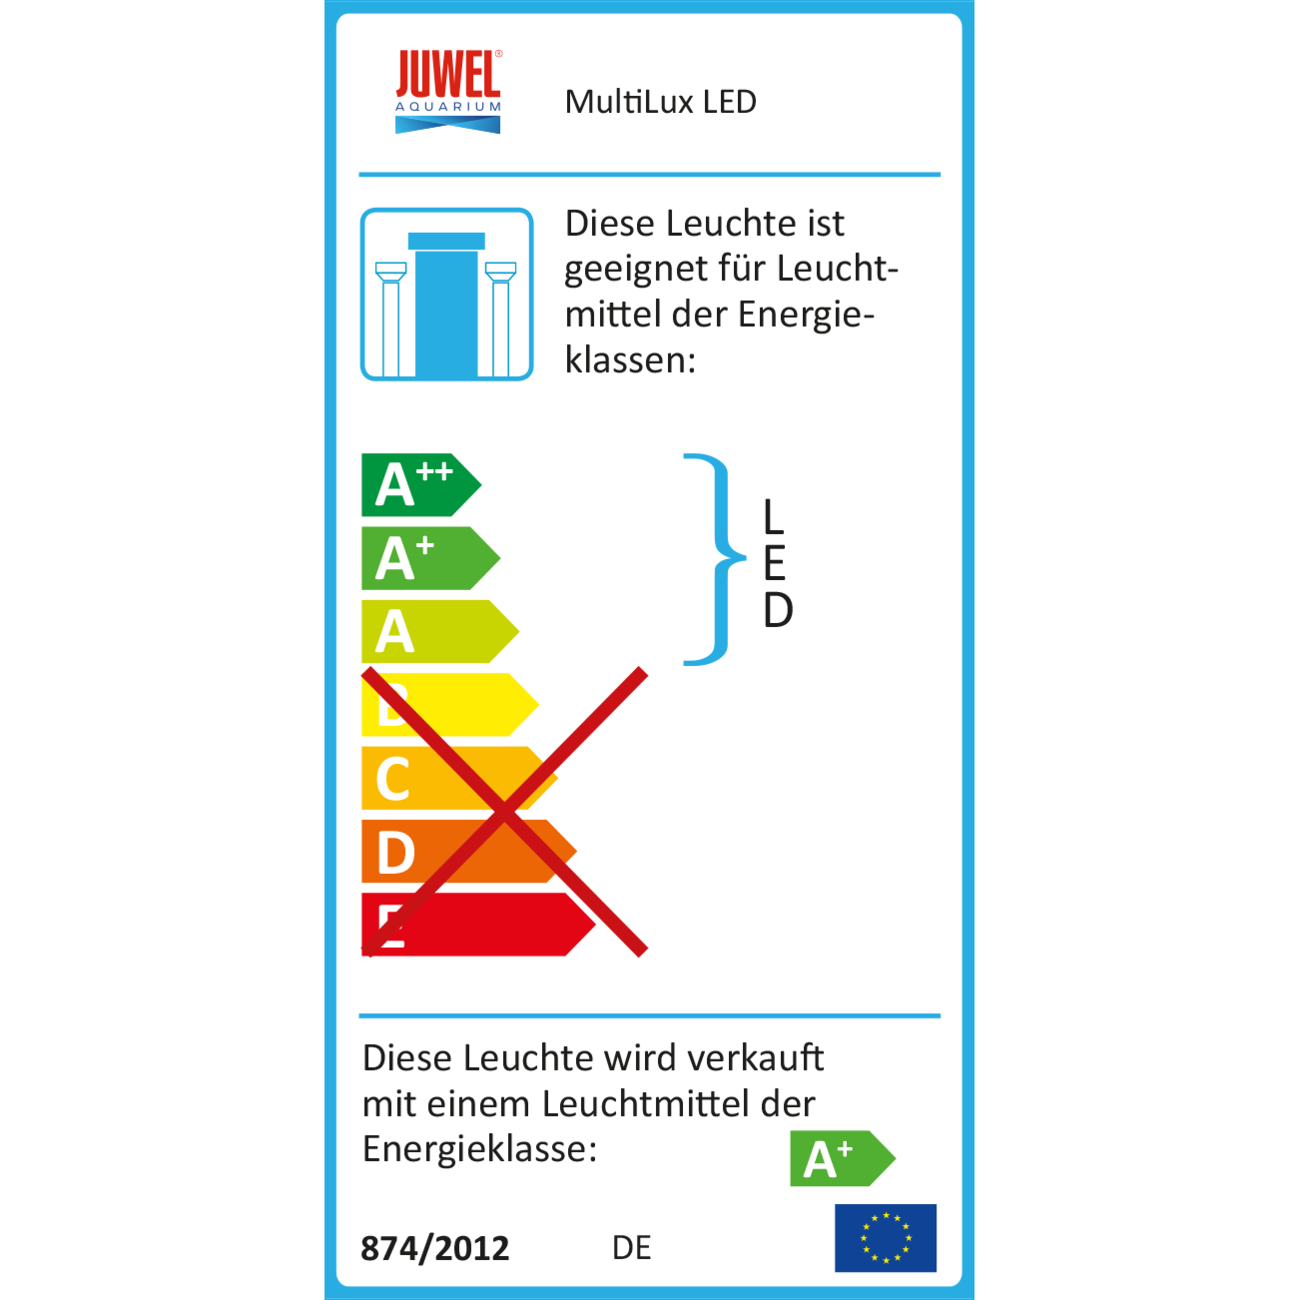 Juwel MultiLux LED Einsatzleuchte Aquarium, Bild 3